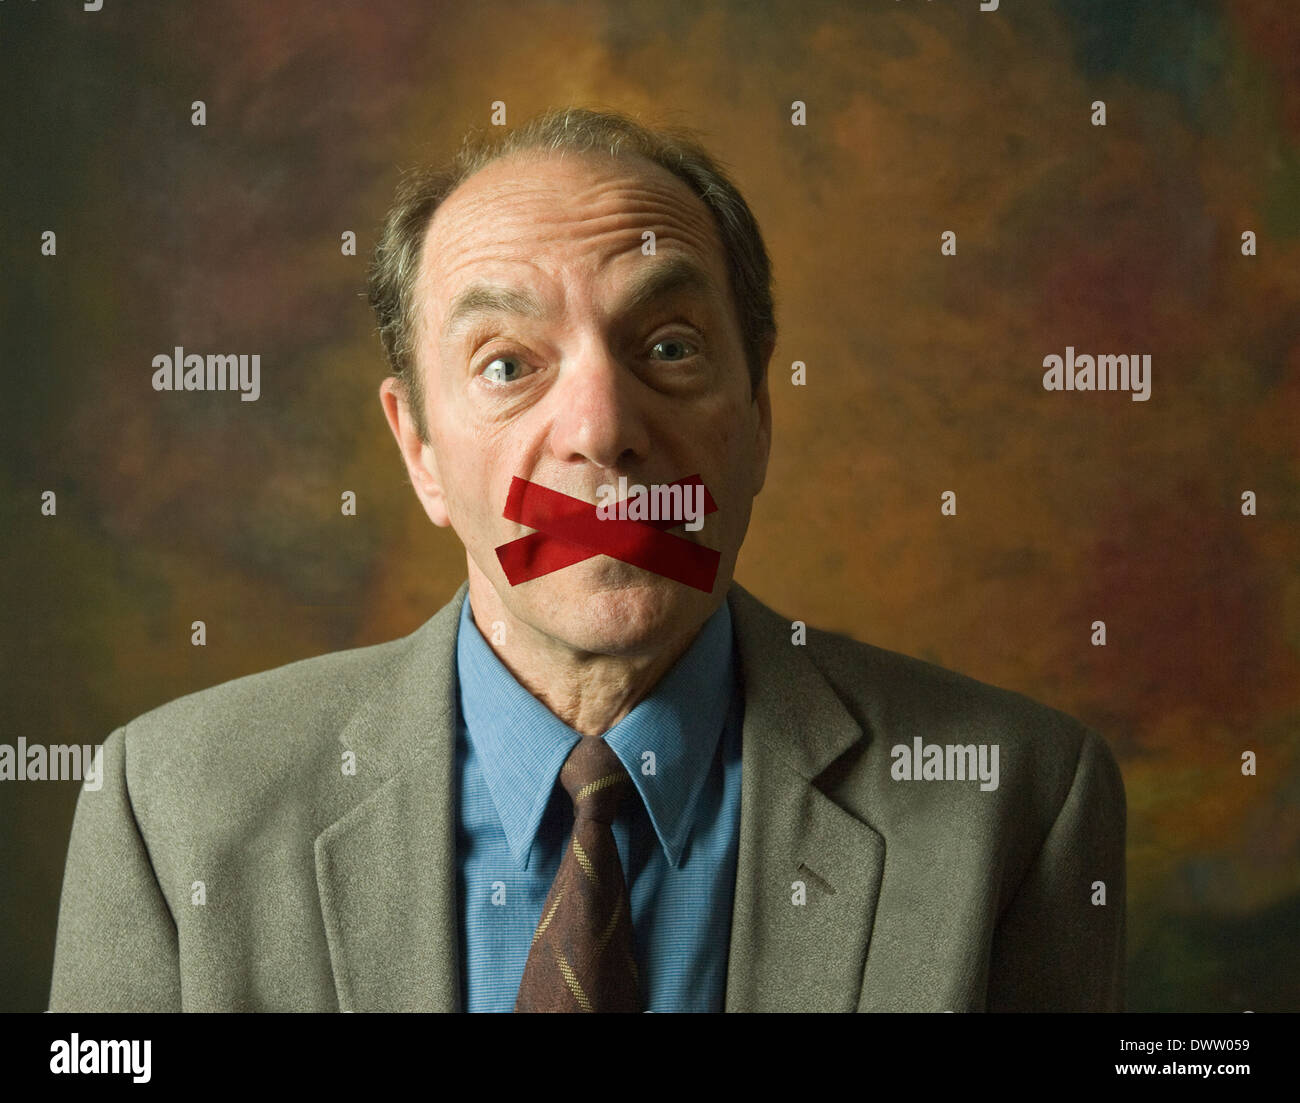 Porträt von überrascht Mann mit Mund mit Klebeband schließen ...